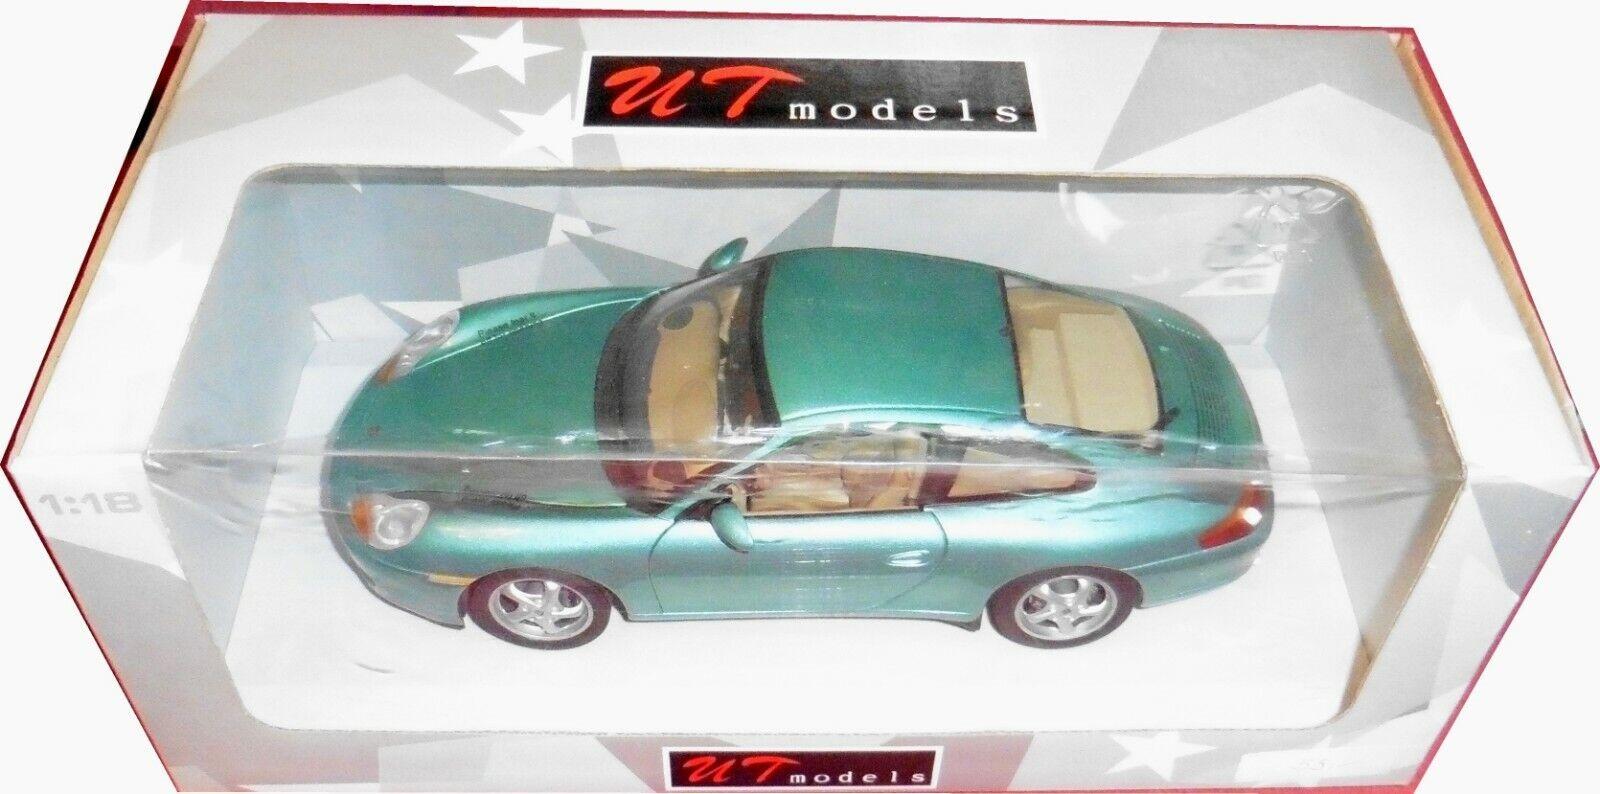 UT 27901 Porsche voiturerera 911 (Typ 996 I)  1 18, OVP (mb)